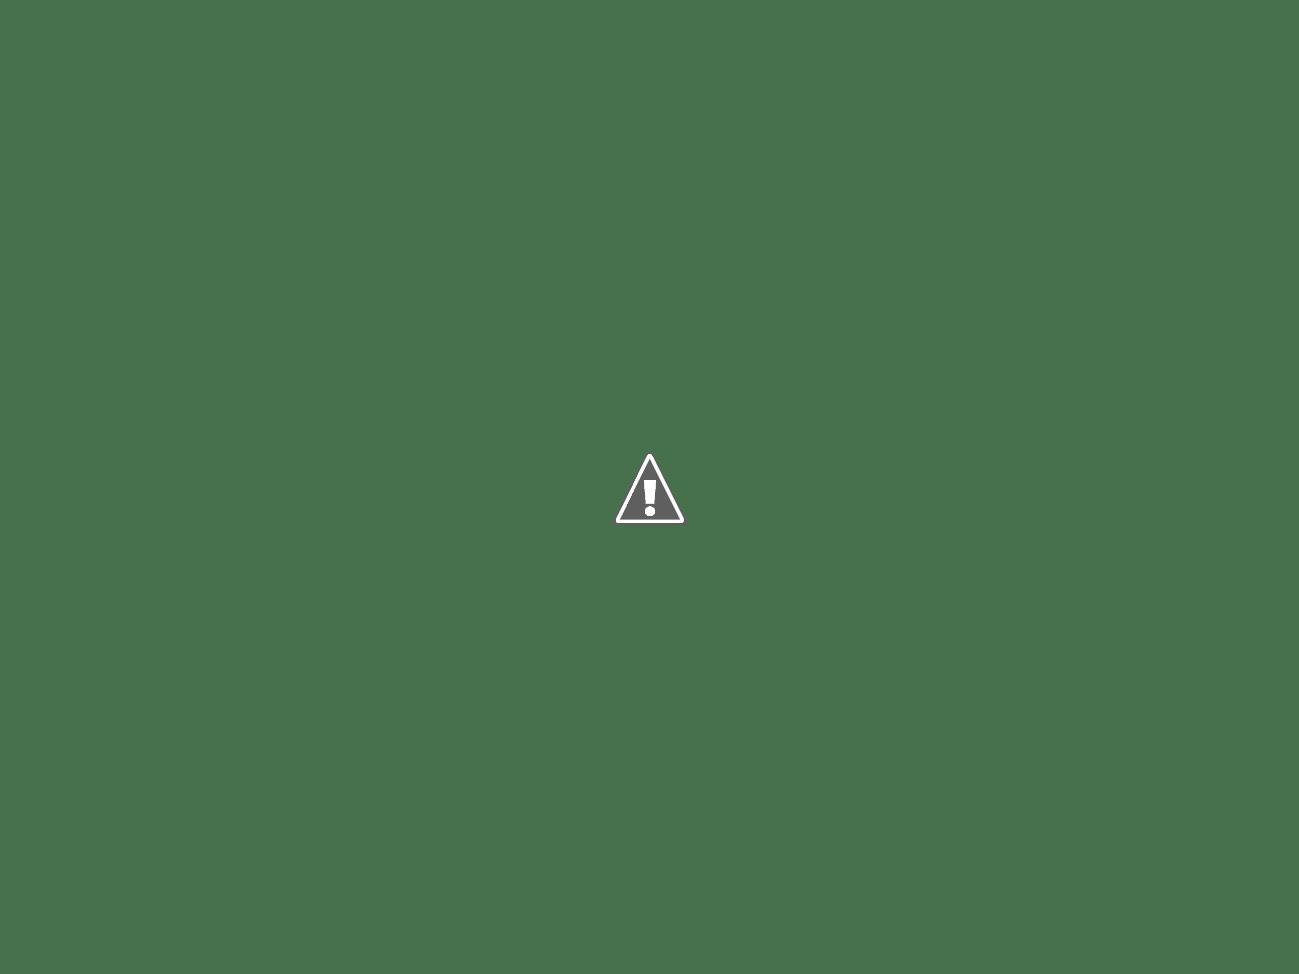 Tenenn hikking trail